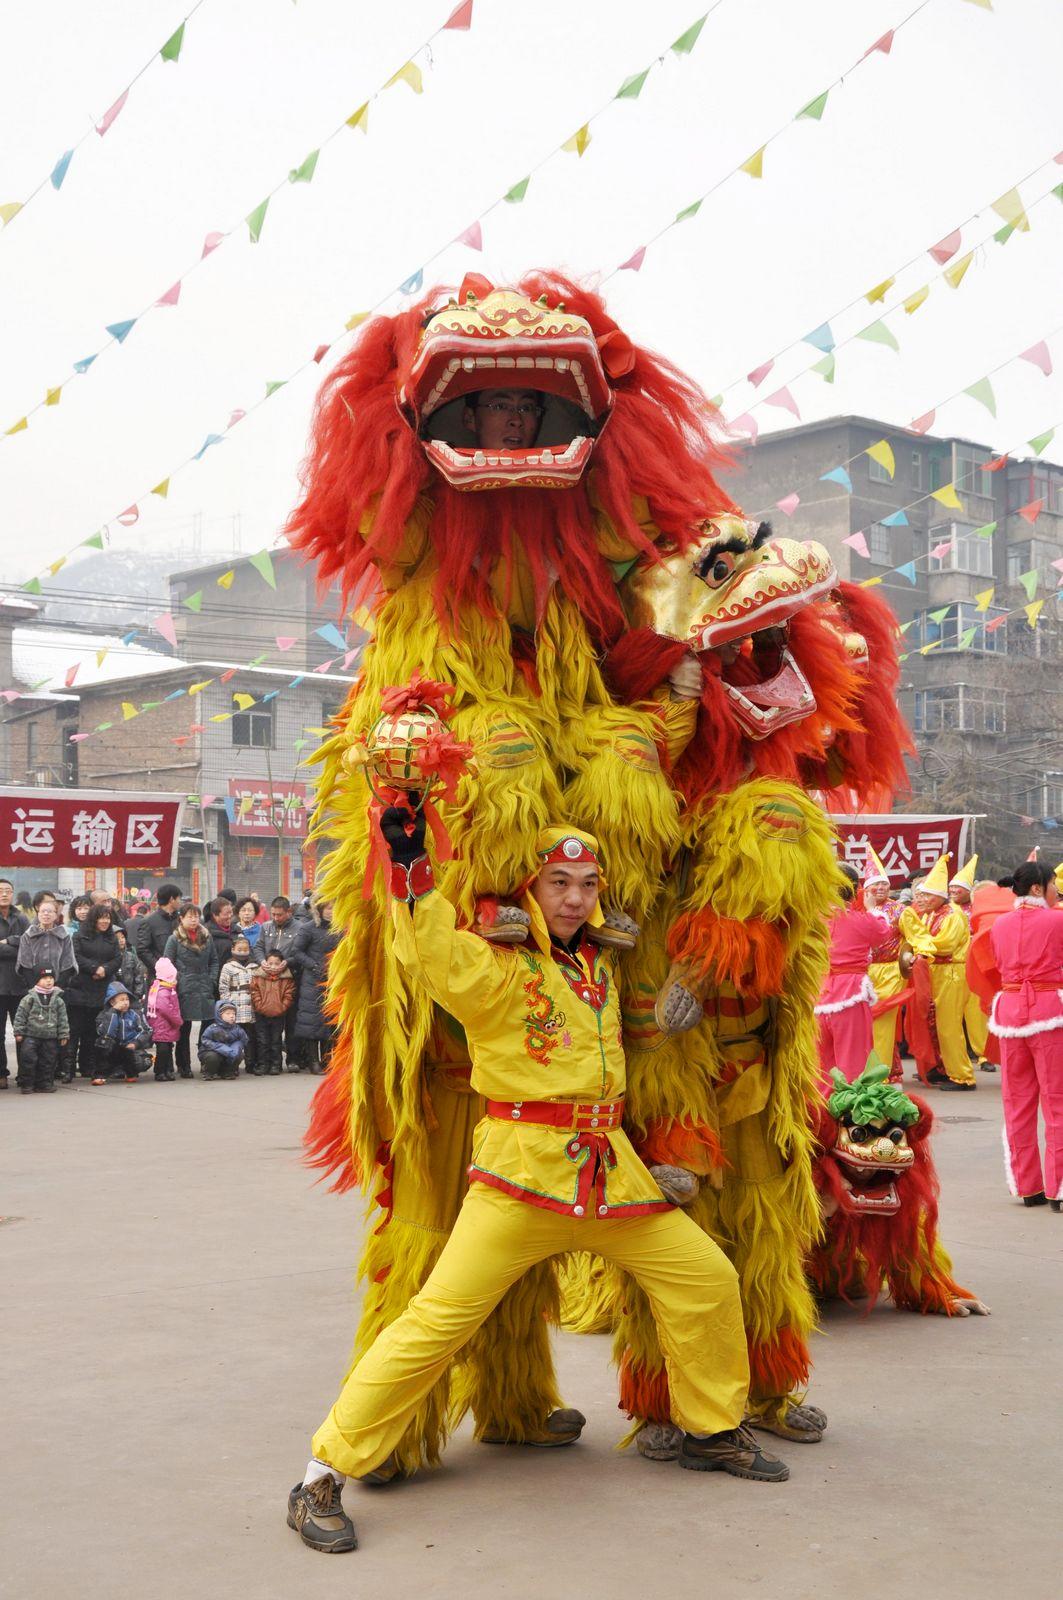 佛山舞狮子表演视频_佛山舞狮表演_北京舞狮_舞狮道具-生活资讯网